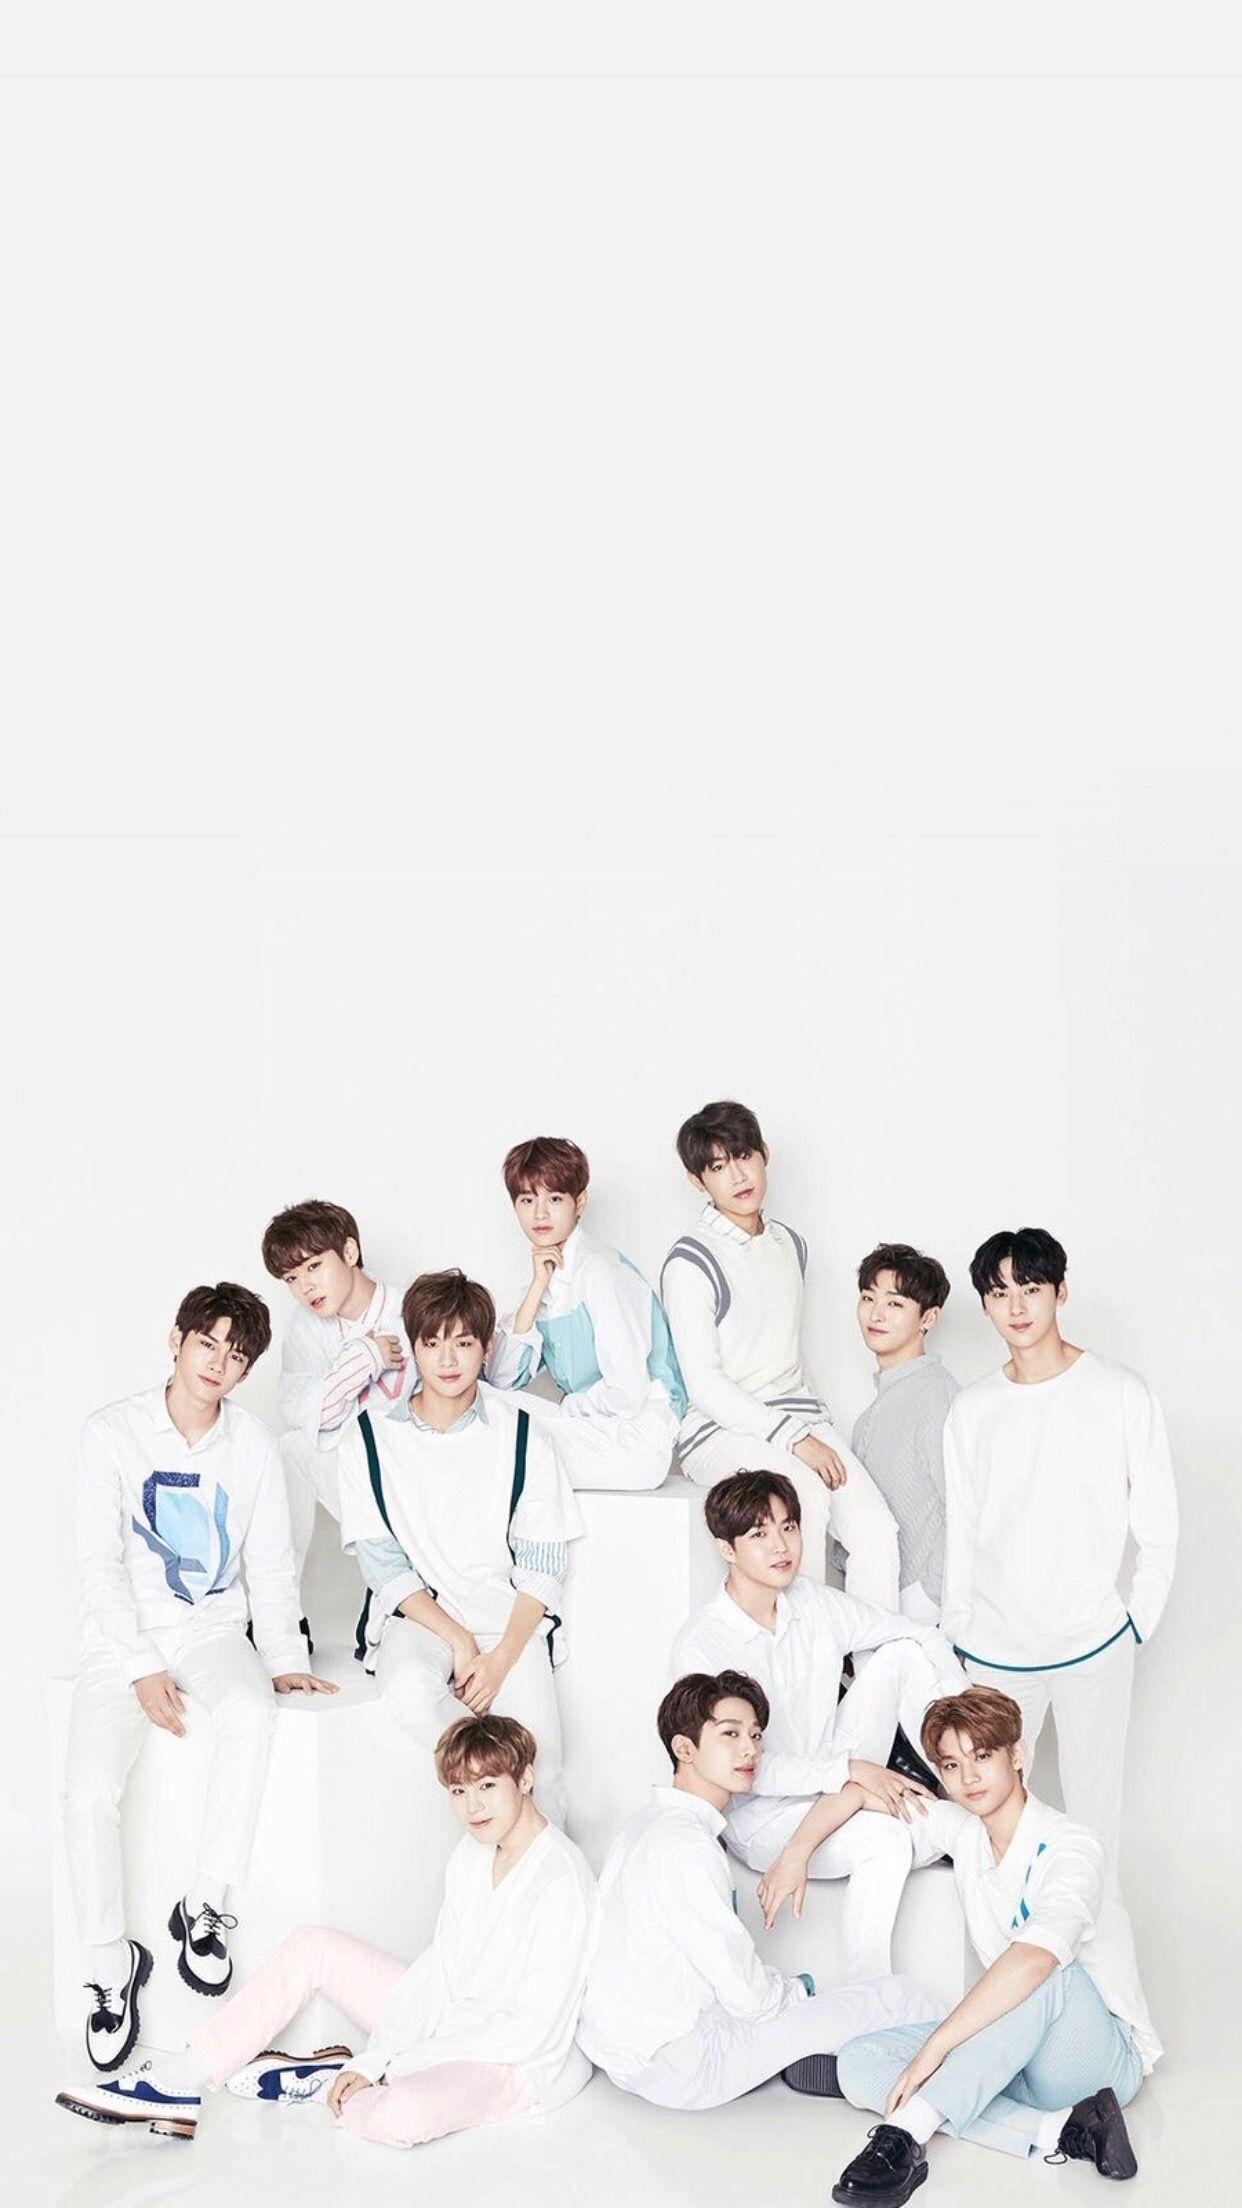 Wanna One Wallpaper Wallpapers Wallpaper Kpop Lock Screen